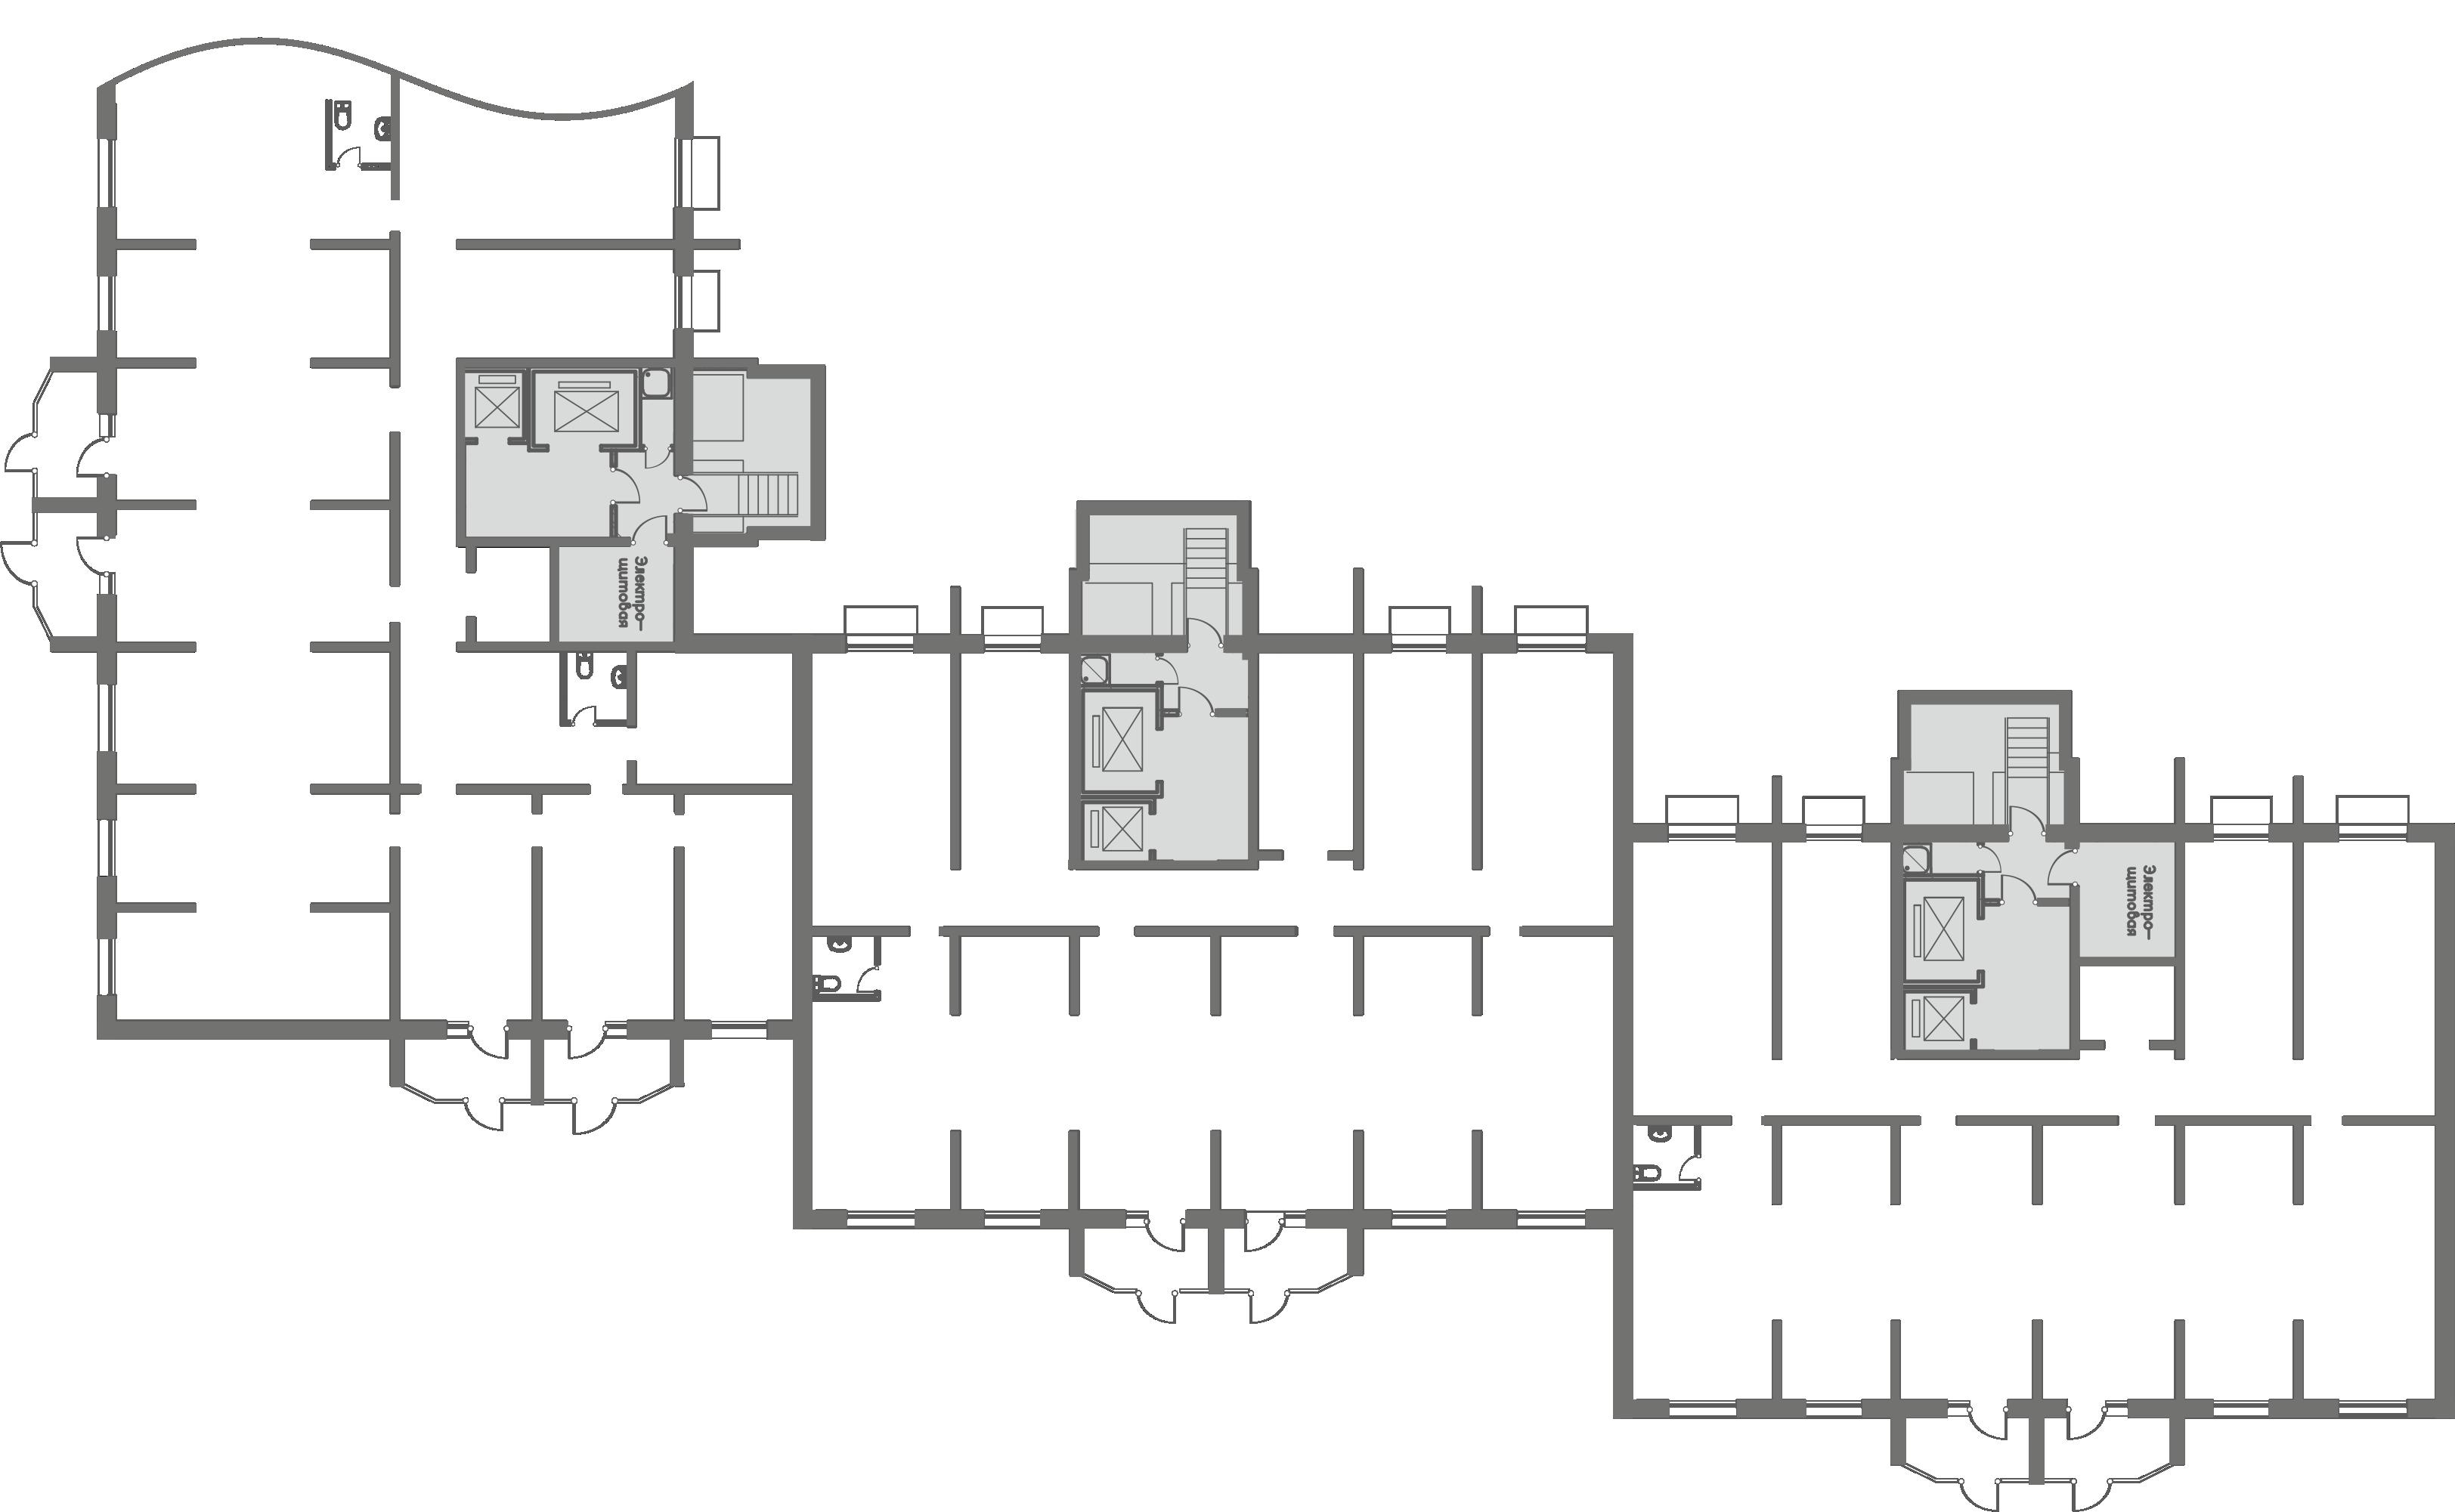 Коммерция Первый Зеленоградский Тверецкий проезд, 16 корп. 2 этаж -1